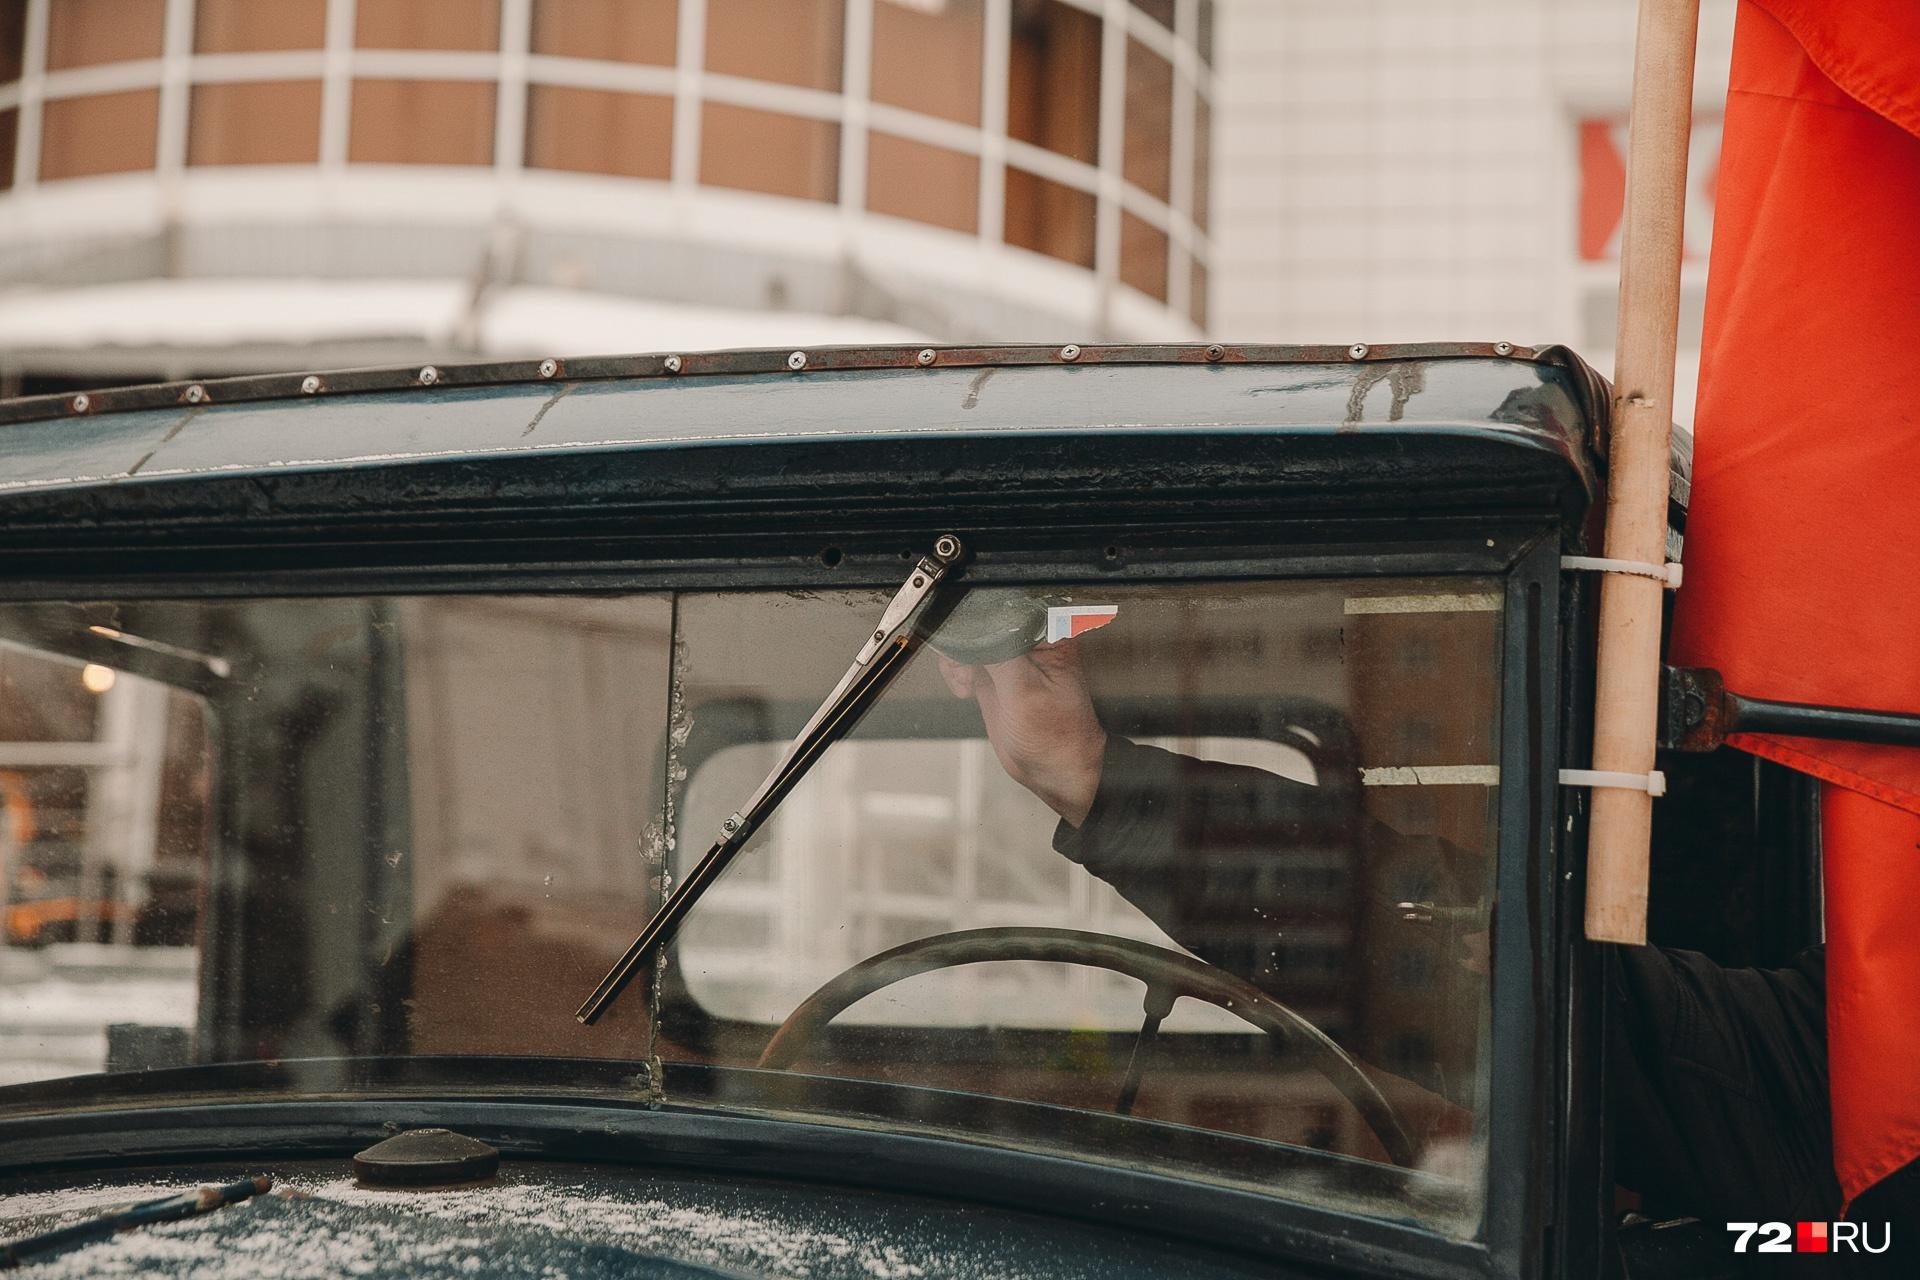 Дверцы тюменской машины, наоборот, намертво запаяли. Слишком уж много детей хотят забраться внутрь, чтобы прикоснуться к легенде